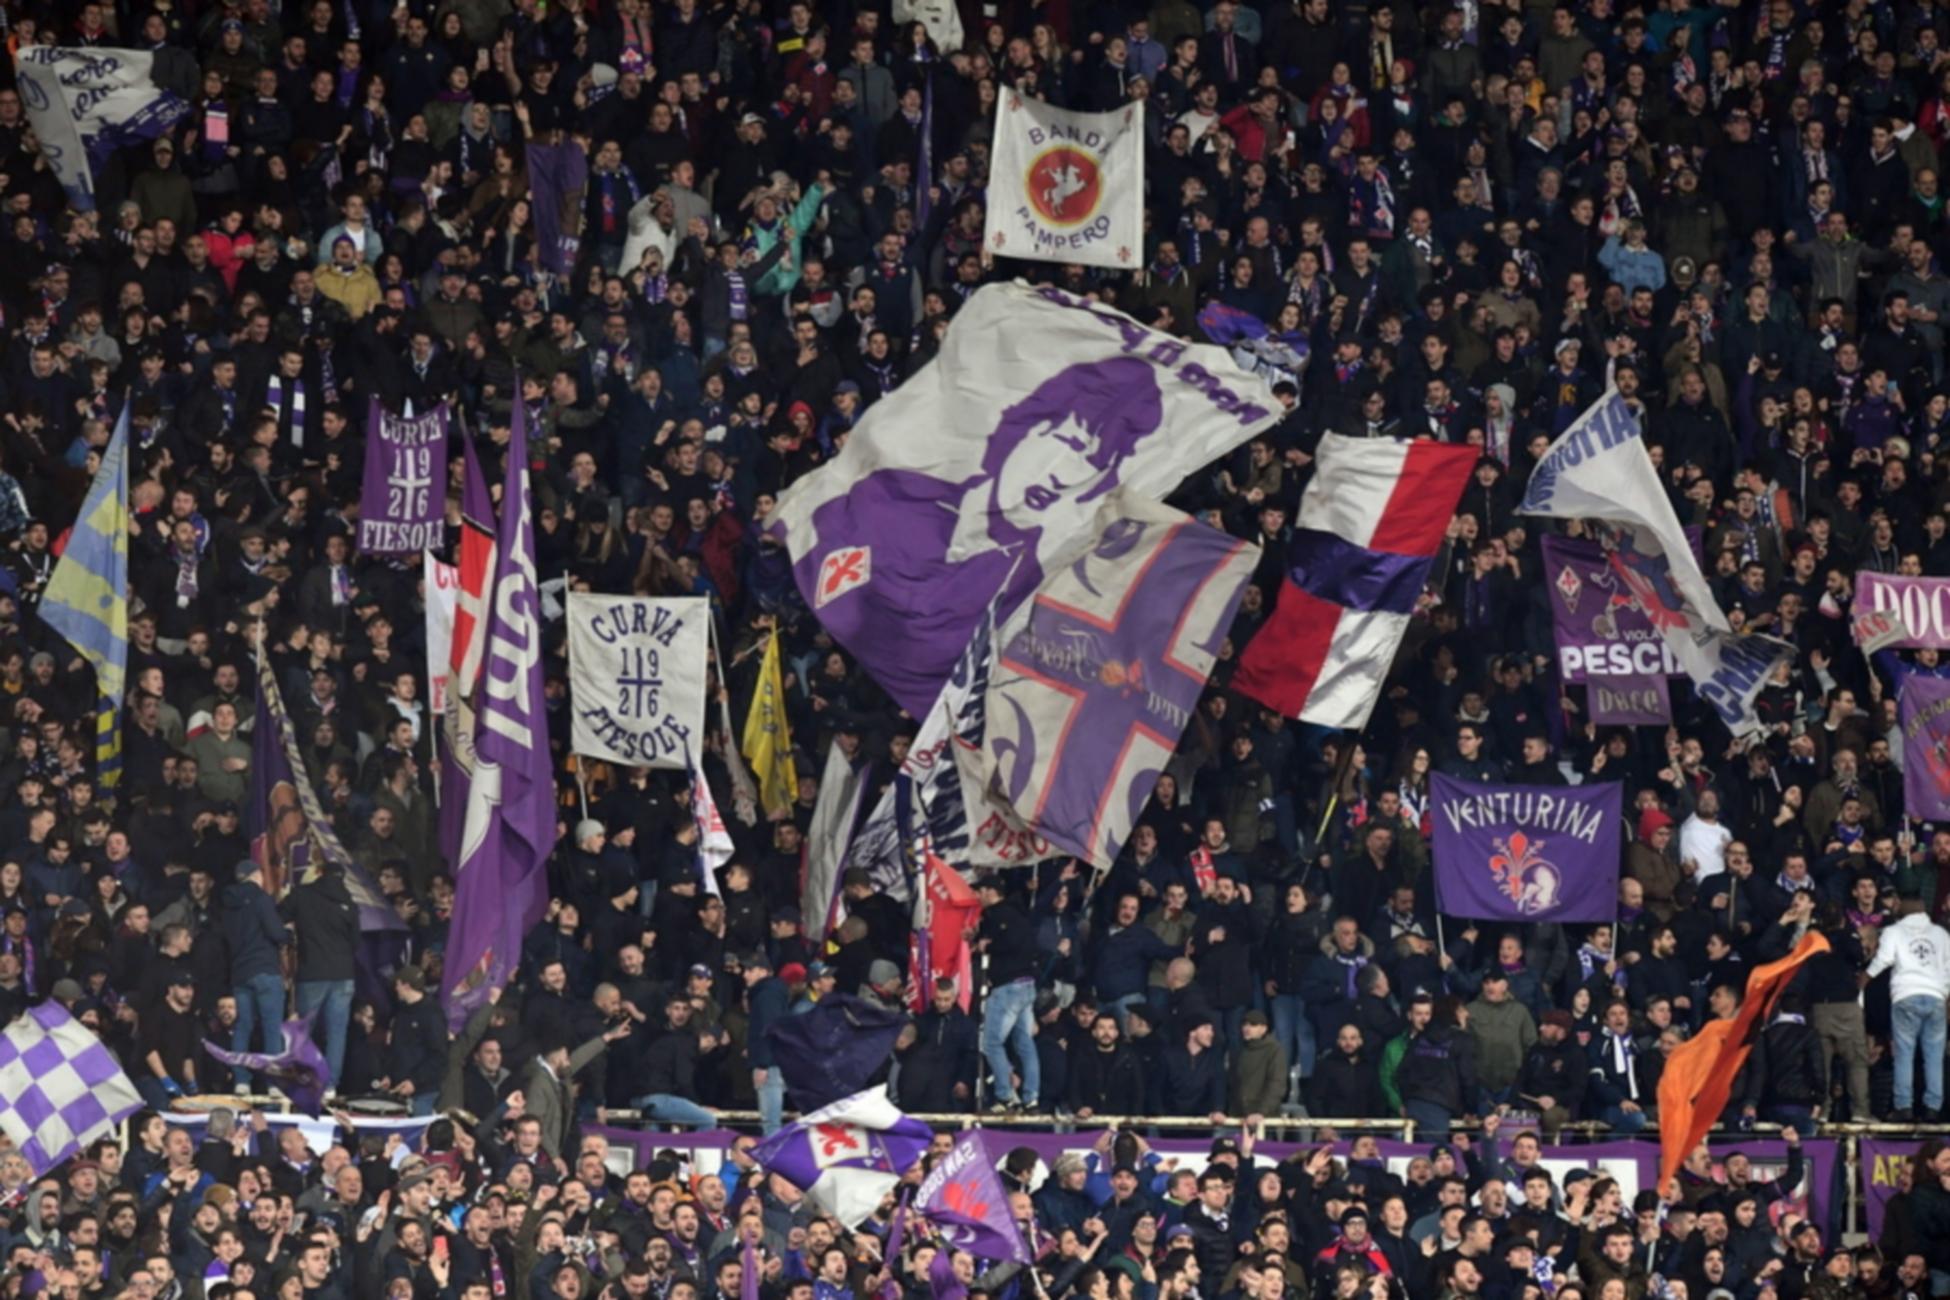 Γέμισαν οι δρόμοι στη Φλωρεντία με διαδηλώσεις για το γήπεδο (pics)